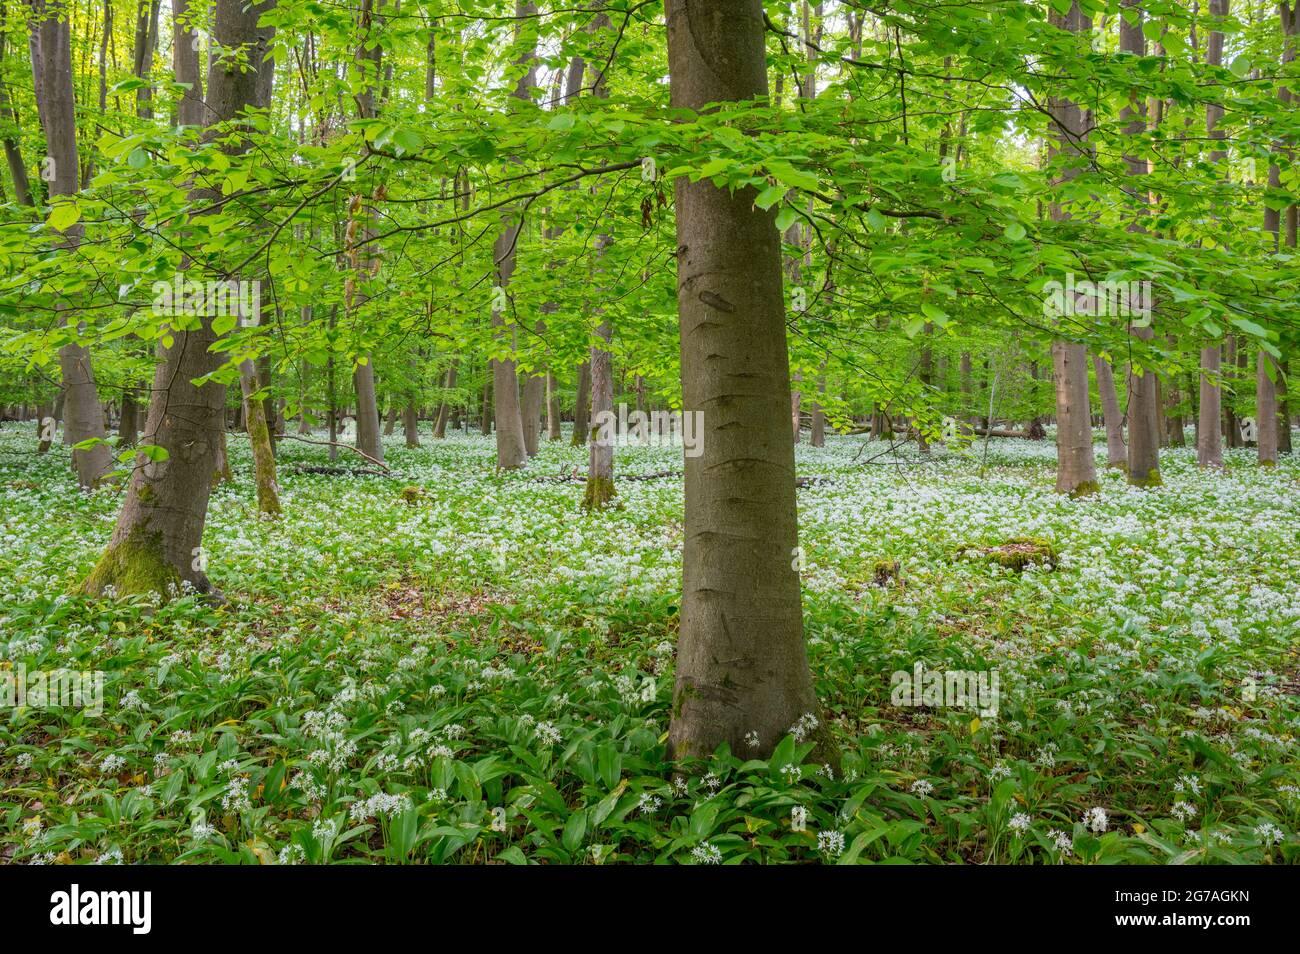 Ail sauvage dans la forêt de hêtres, printemps, mai, Hesse, Allemagne Banque D'Images